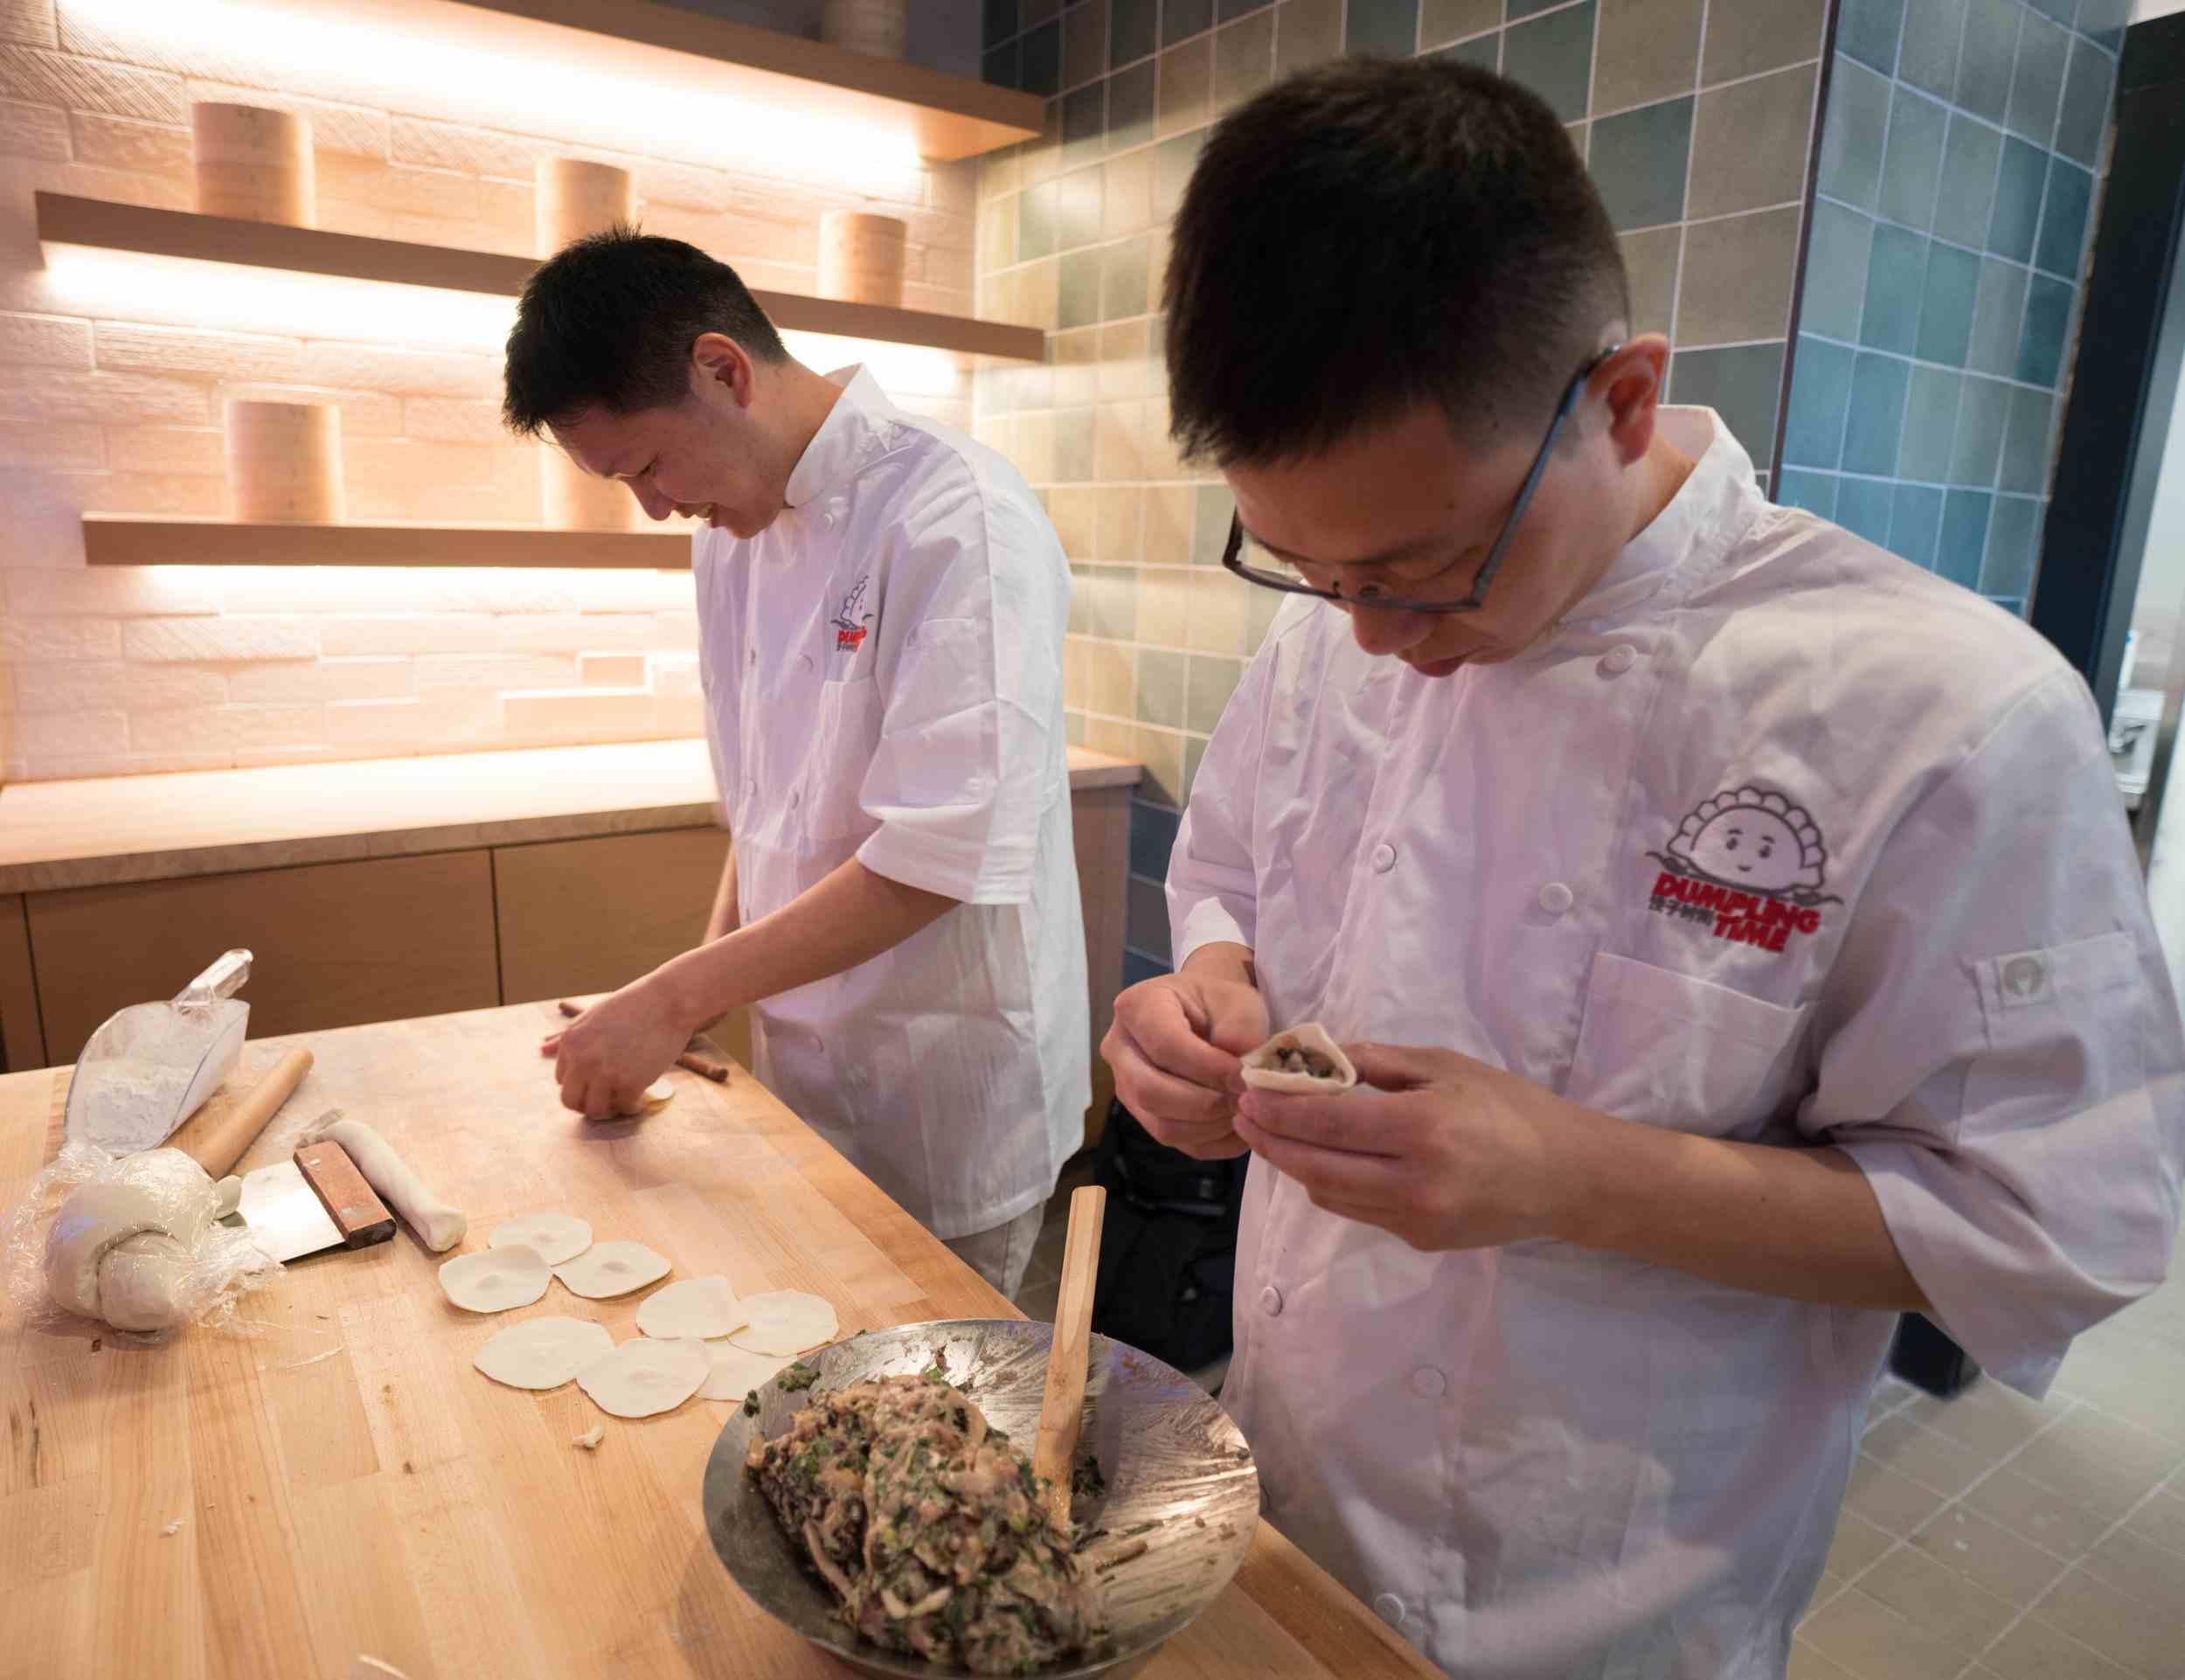 Chefs making dumplings by hand.